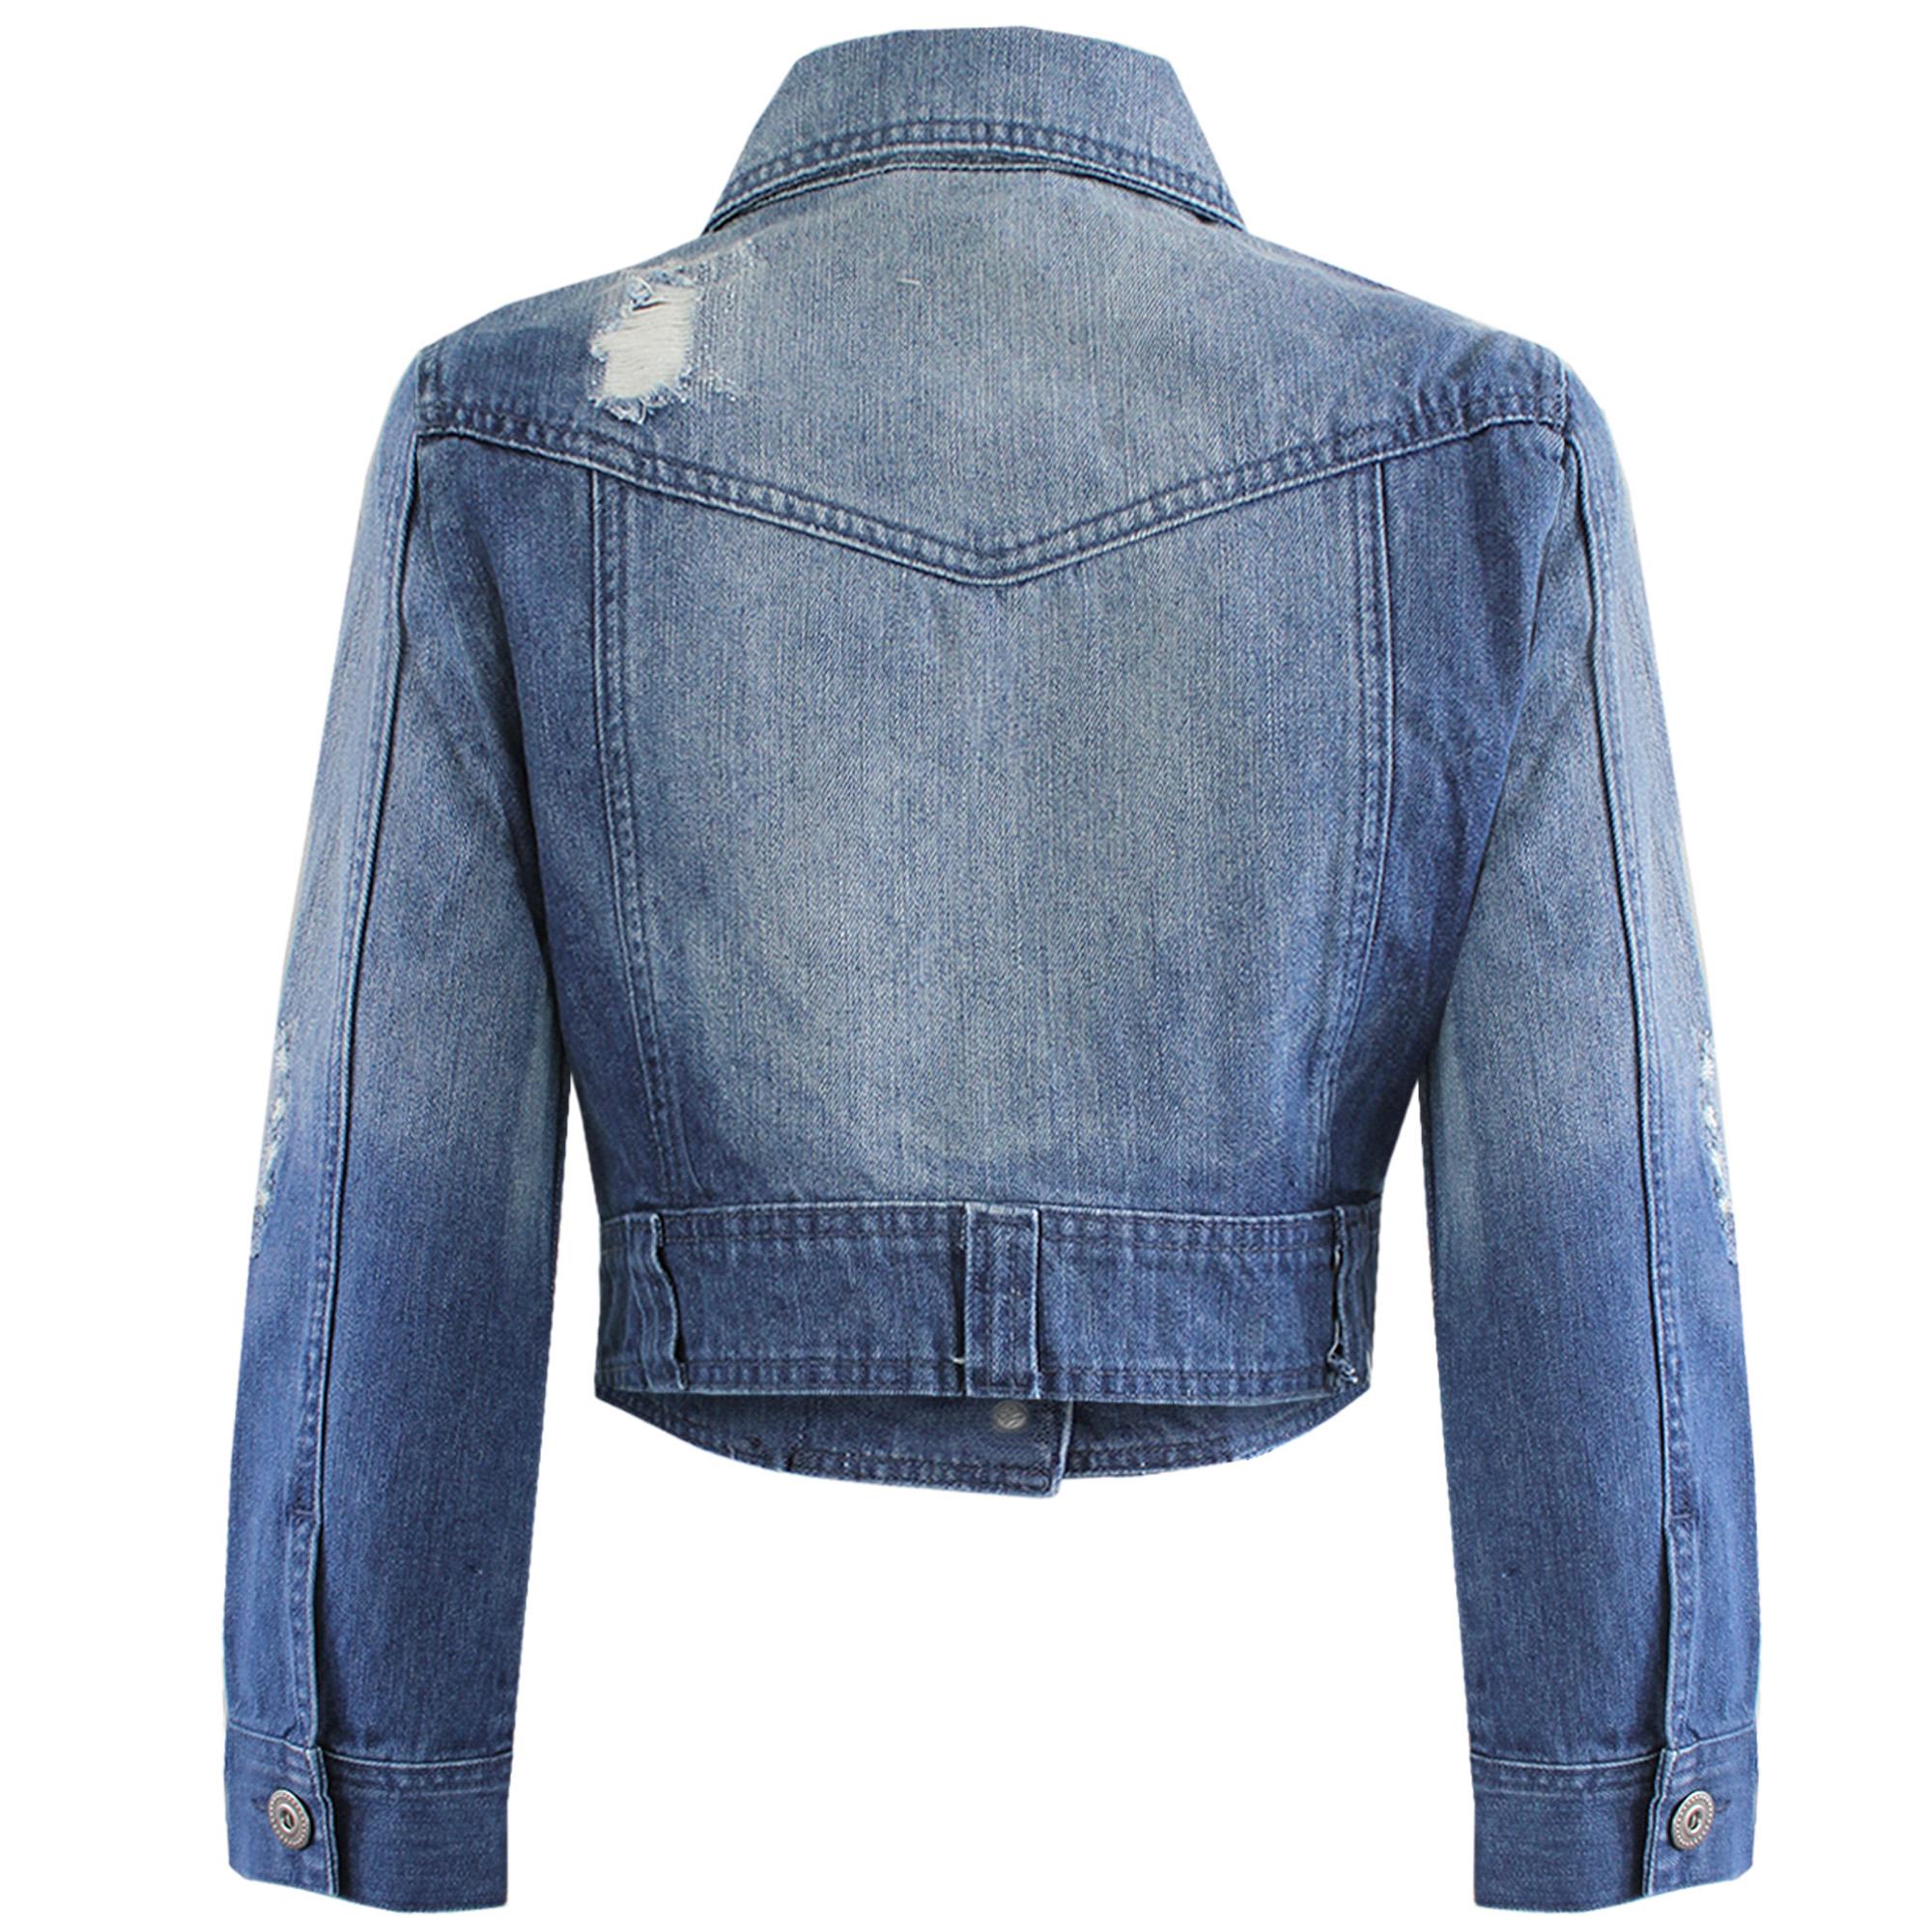 Crop denim jackets for women